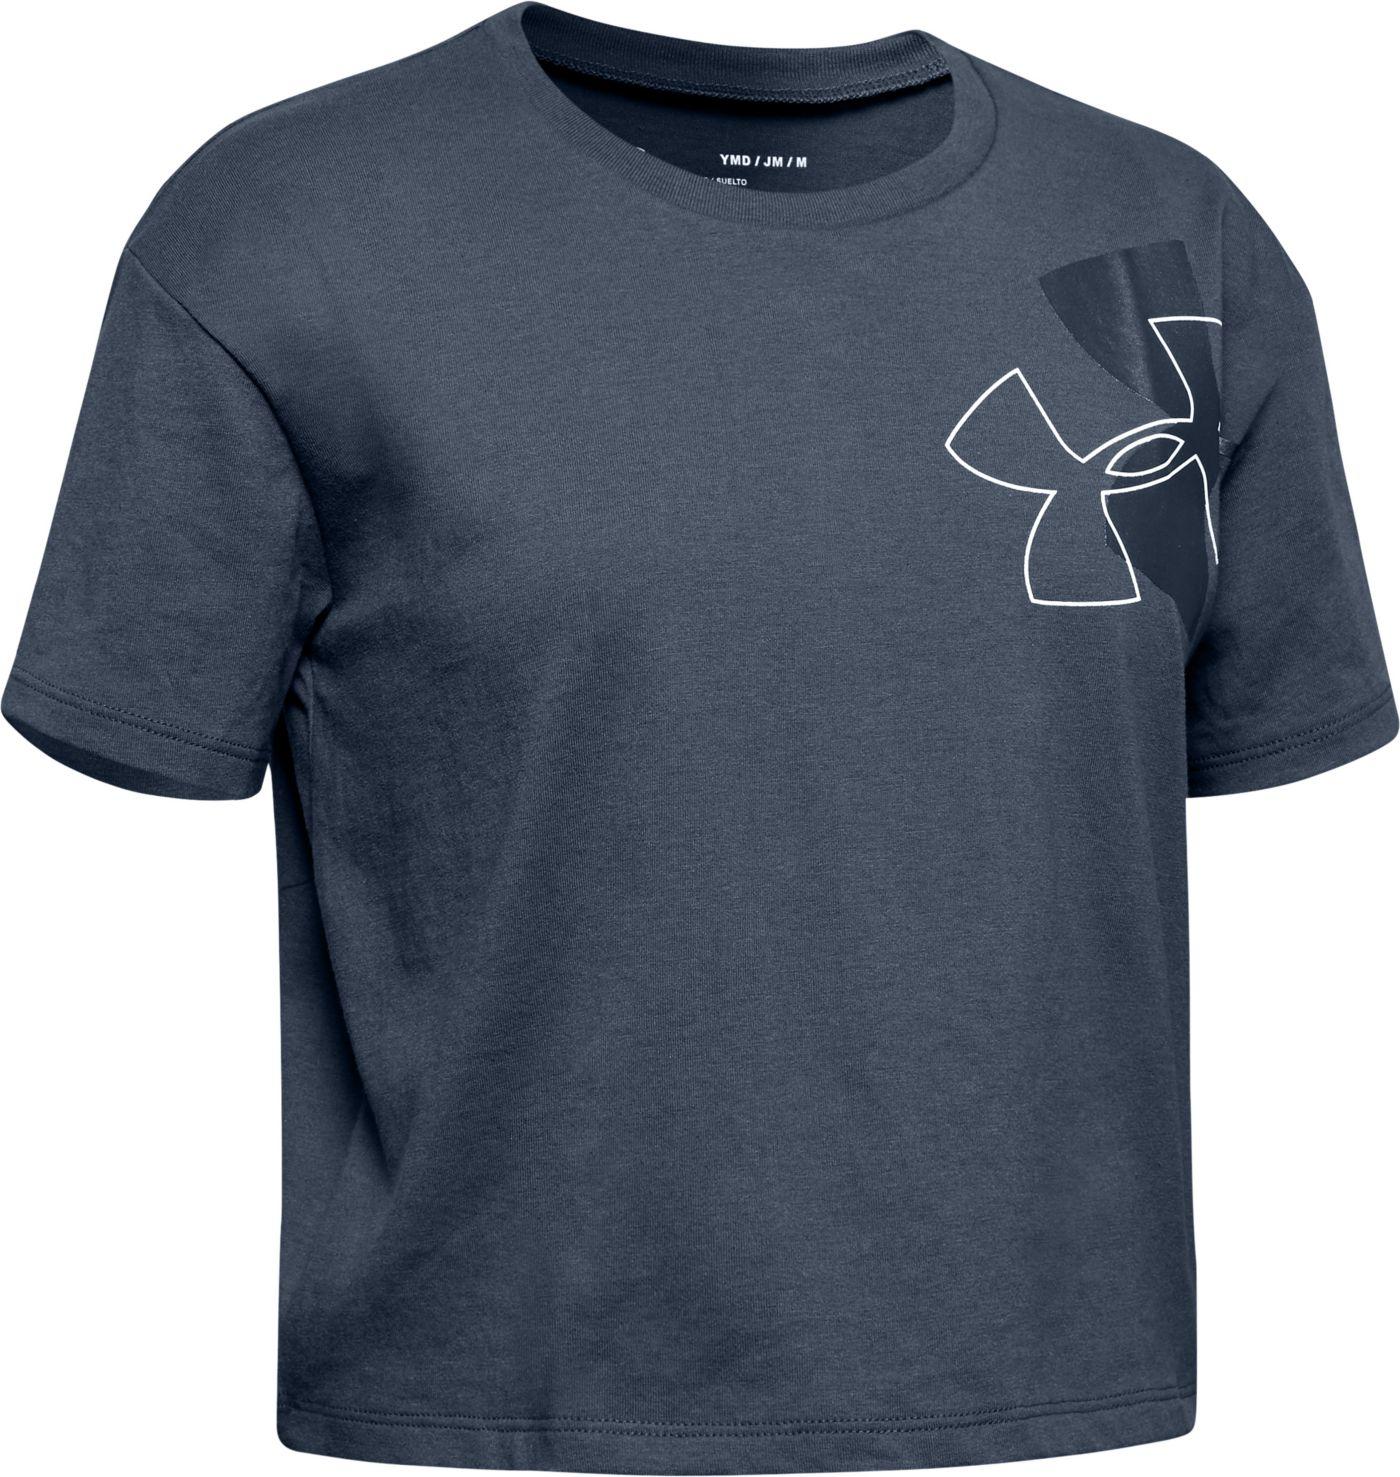 Under Armour Girl's Branded Logo Tilt T-Shirt